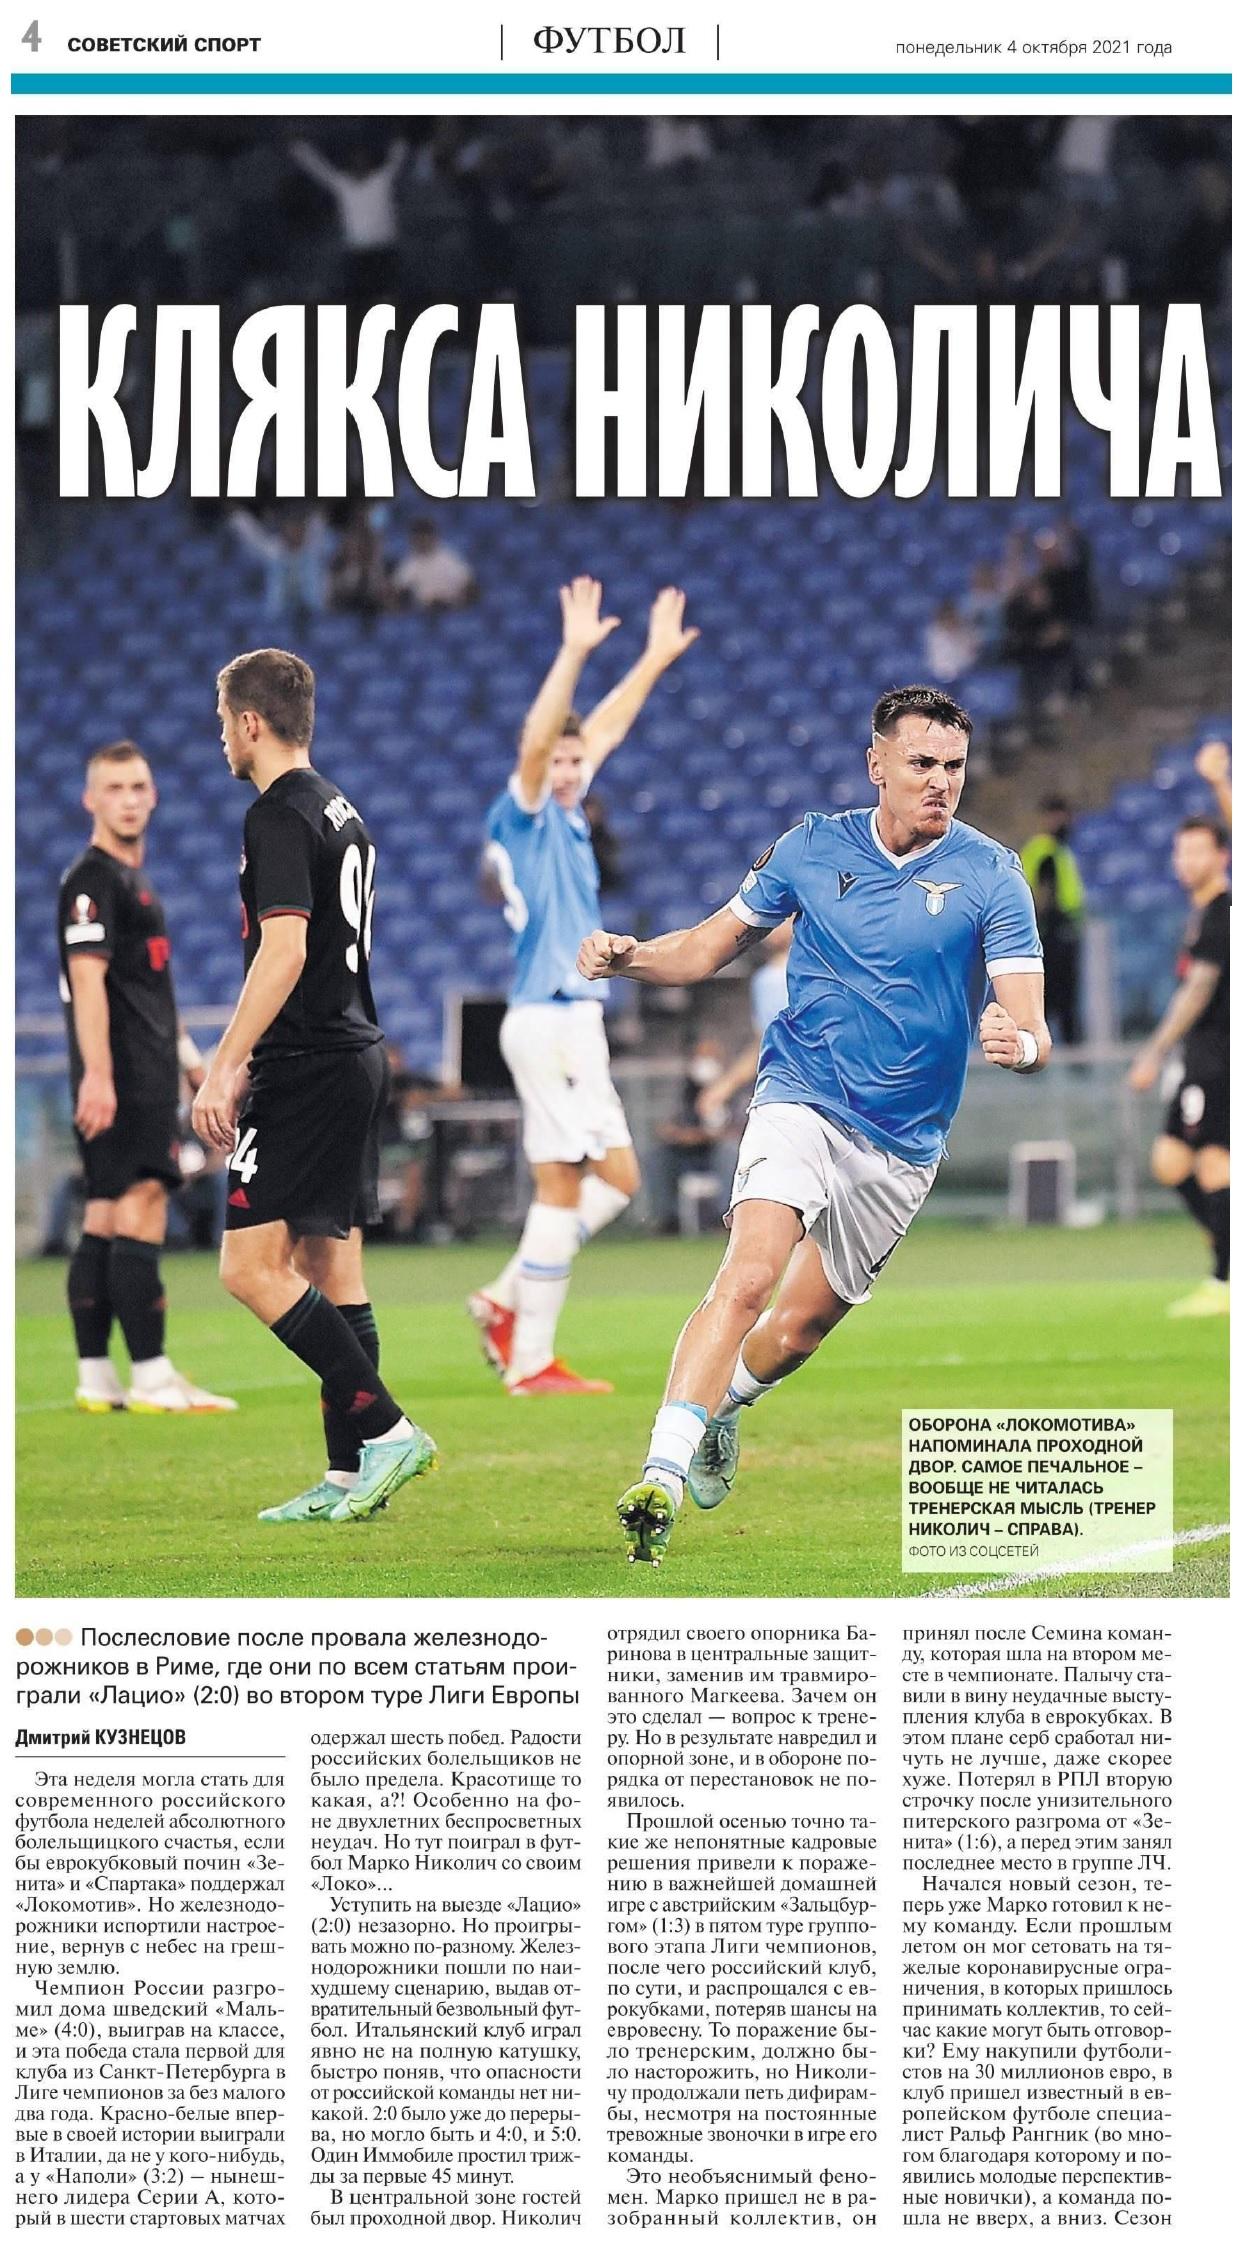 Лацио (Италия) - Локомотив (Россия) 2:0